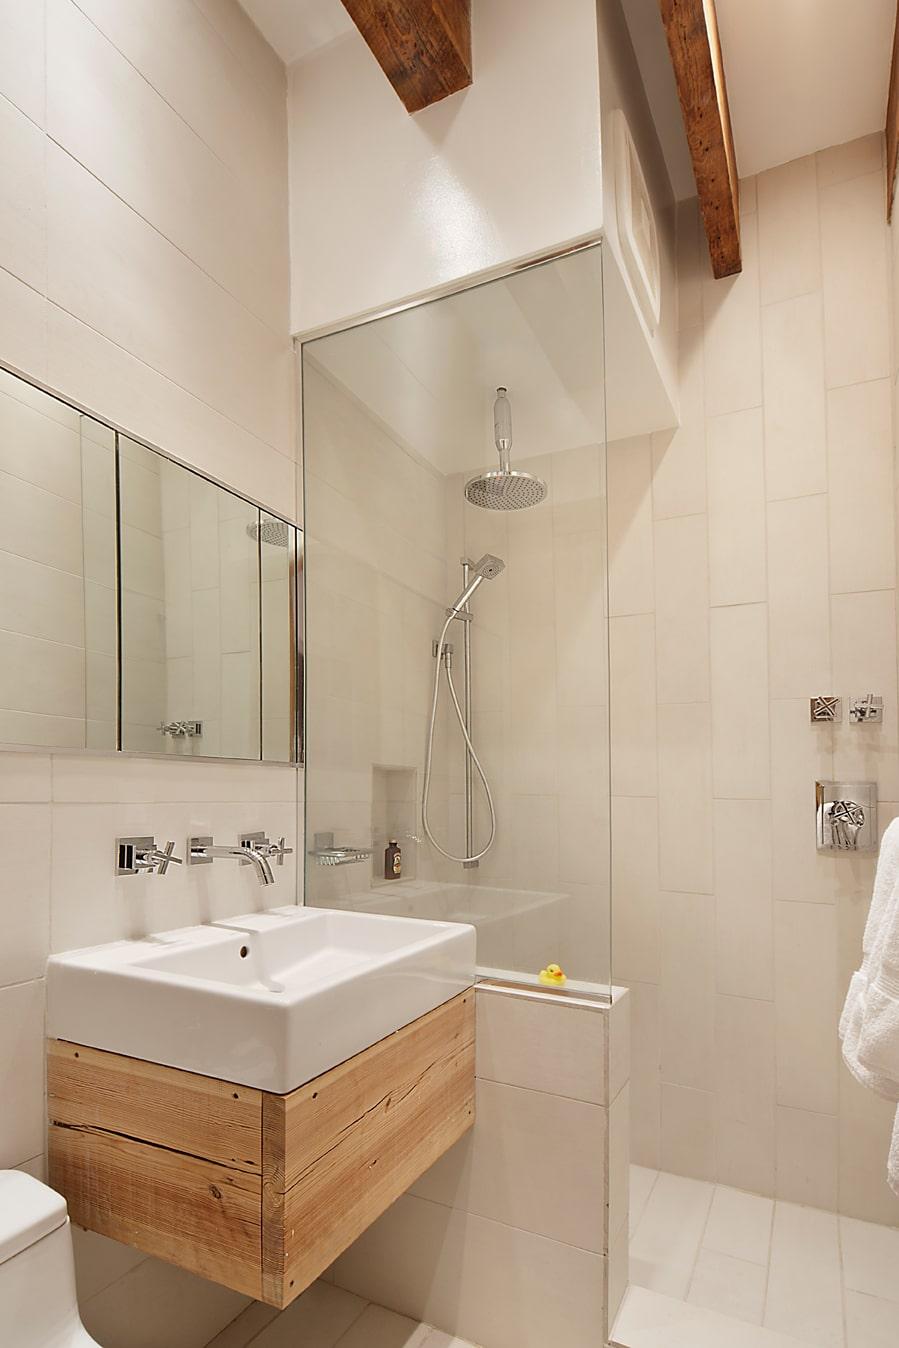 Maravillosa  Hacer Un Cuarto De Bano #1: Diseño-de-cuarto-de-baño-de-departamento1.jpg